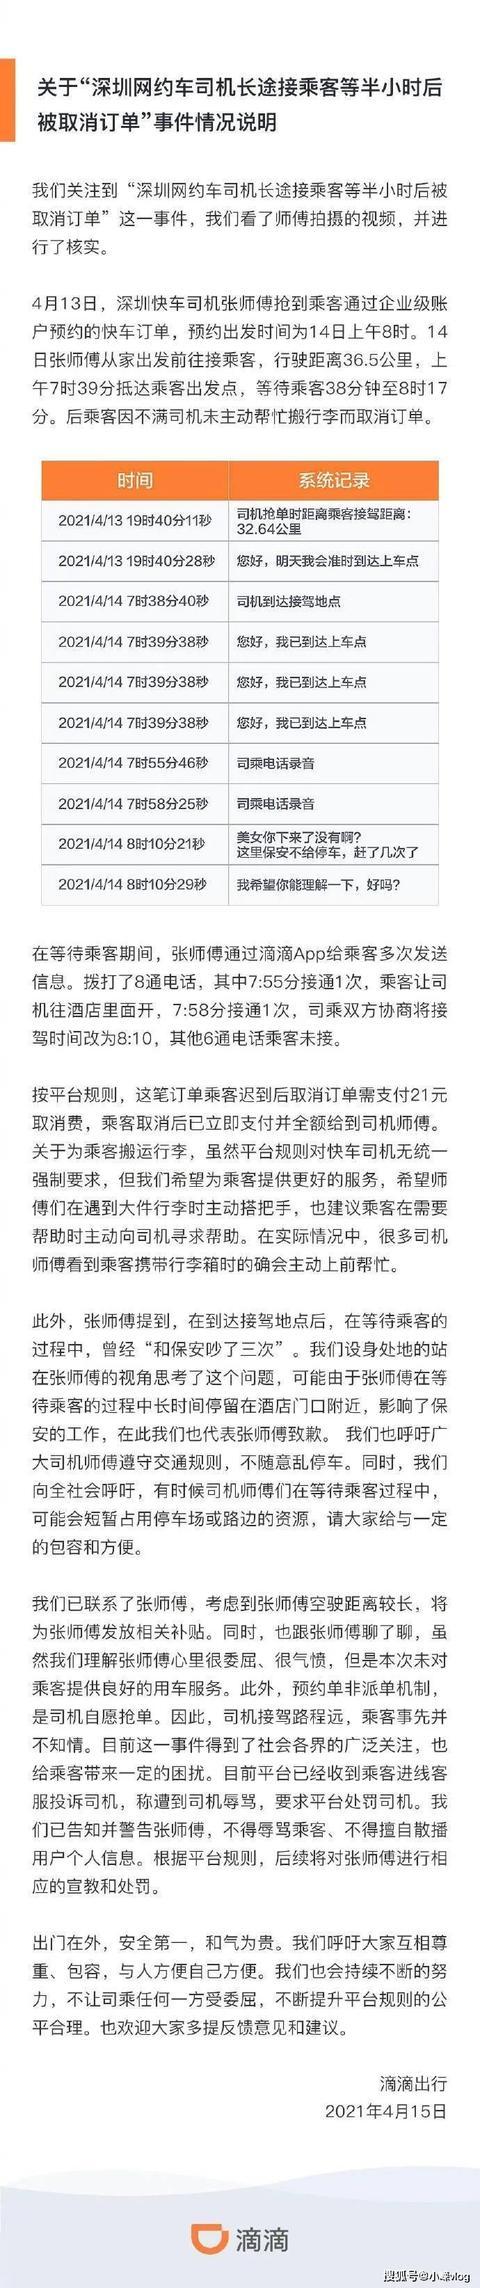 滴滴回应司机不帮拿行李订单被取消 上海市消保委认为:服务标准要明确,顾客需要帮忙好商量 全球新闻风头榜 第2张